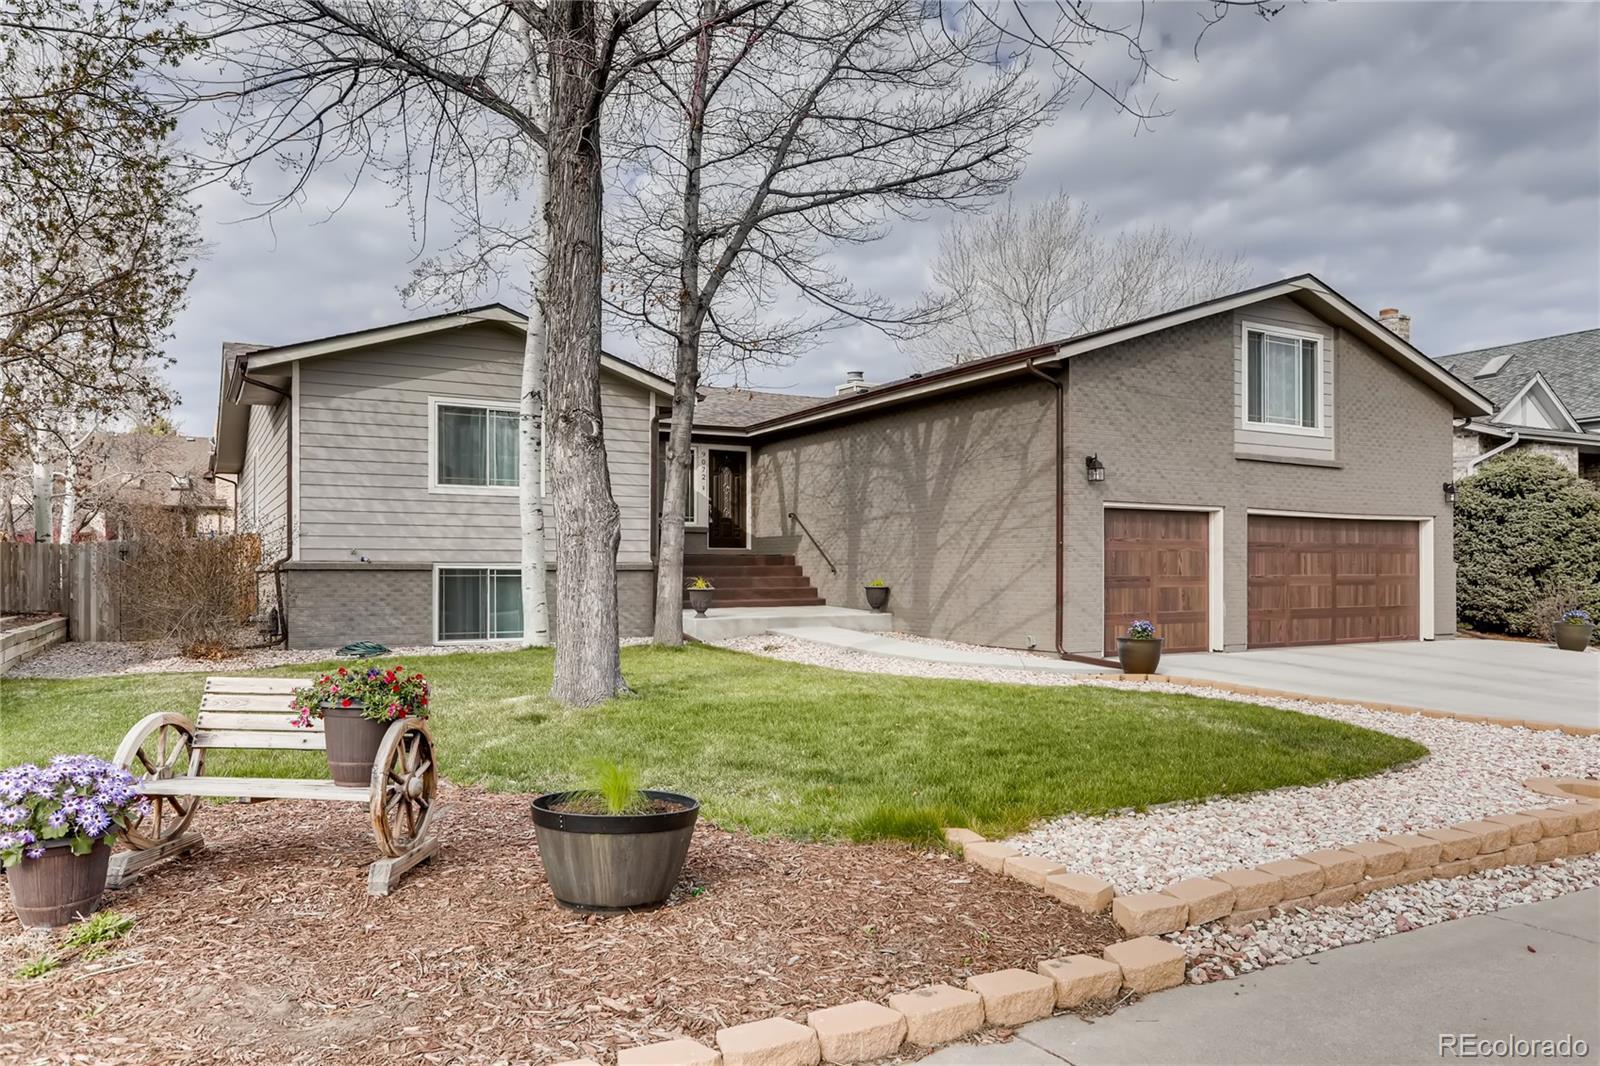 9072 E Colorado Drive Property Photo - Denver, CO real estate listing